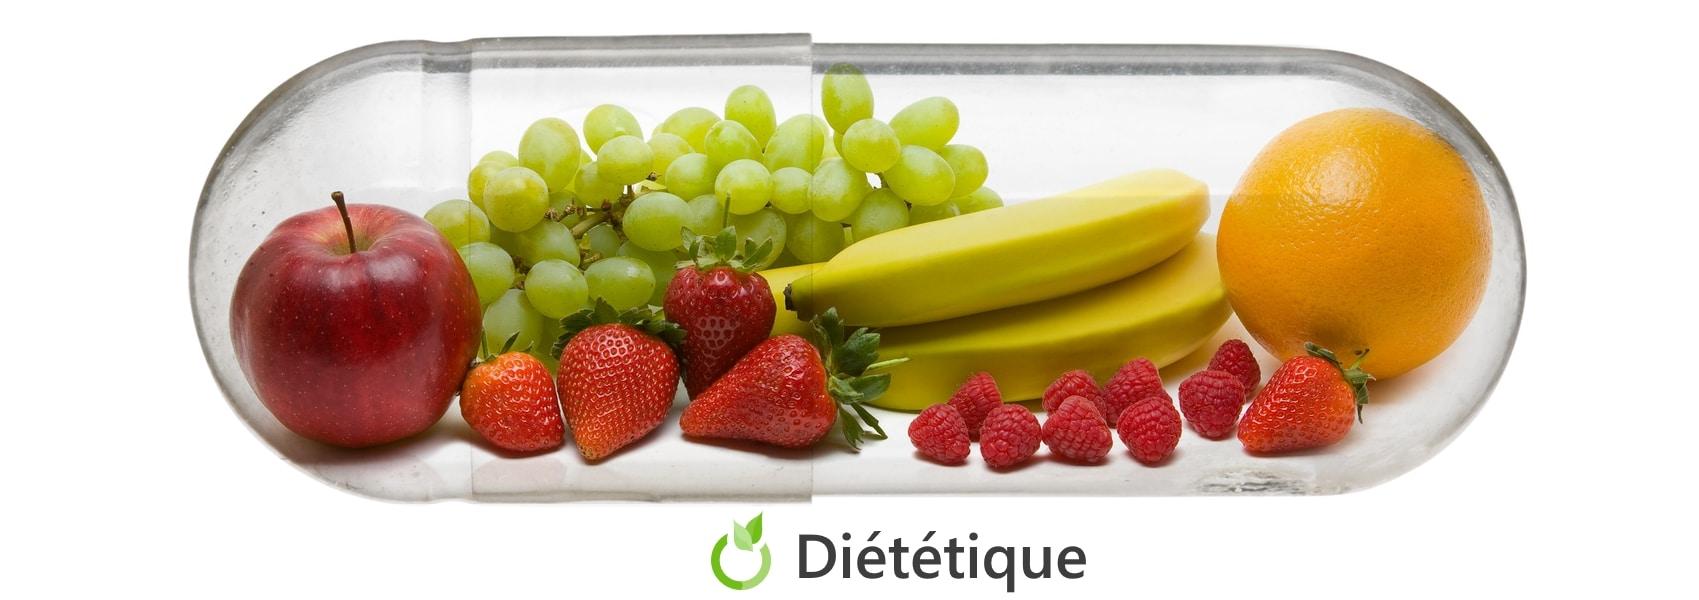 Diététique en pharmacie à Canteleu portail